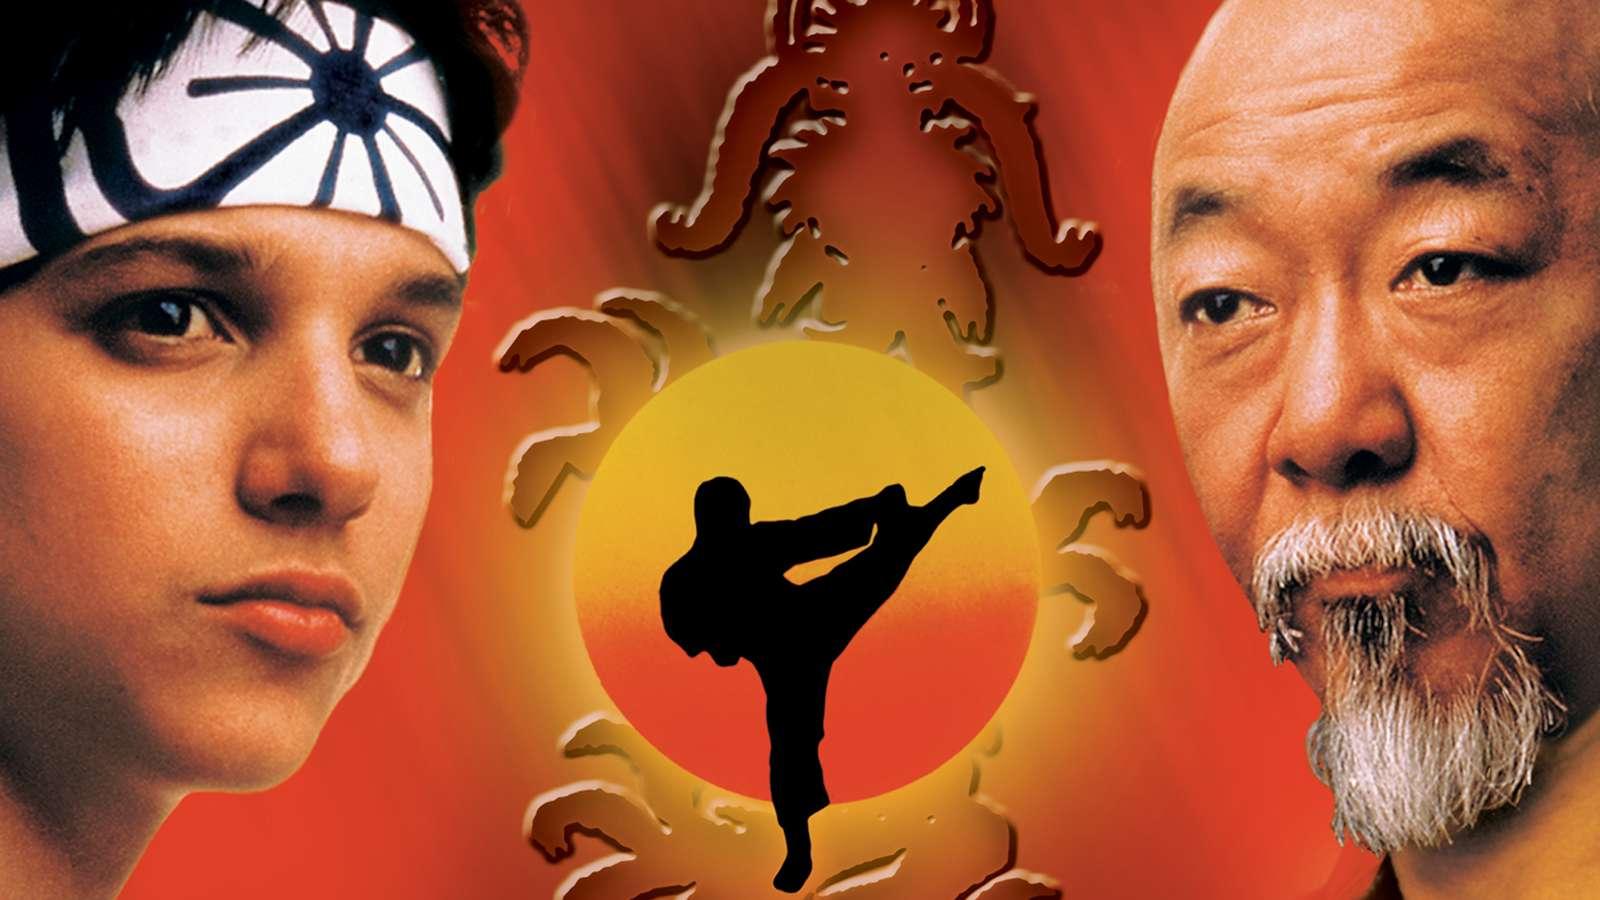 Karate Kid - To mój ulubiony film <3